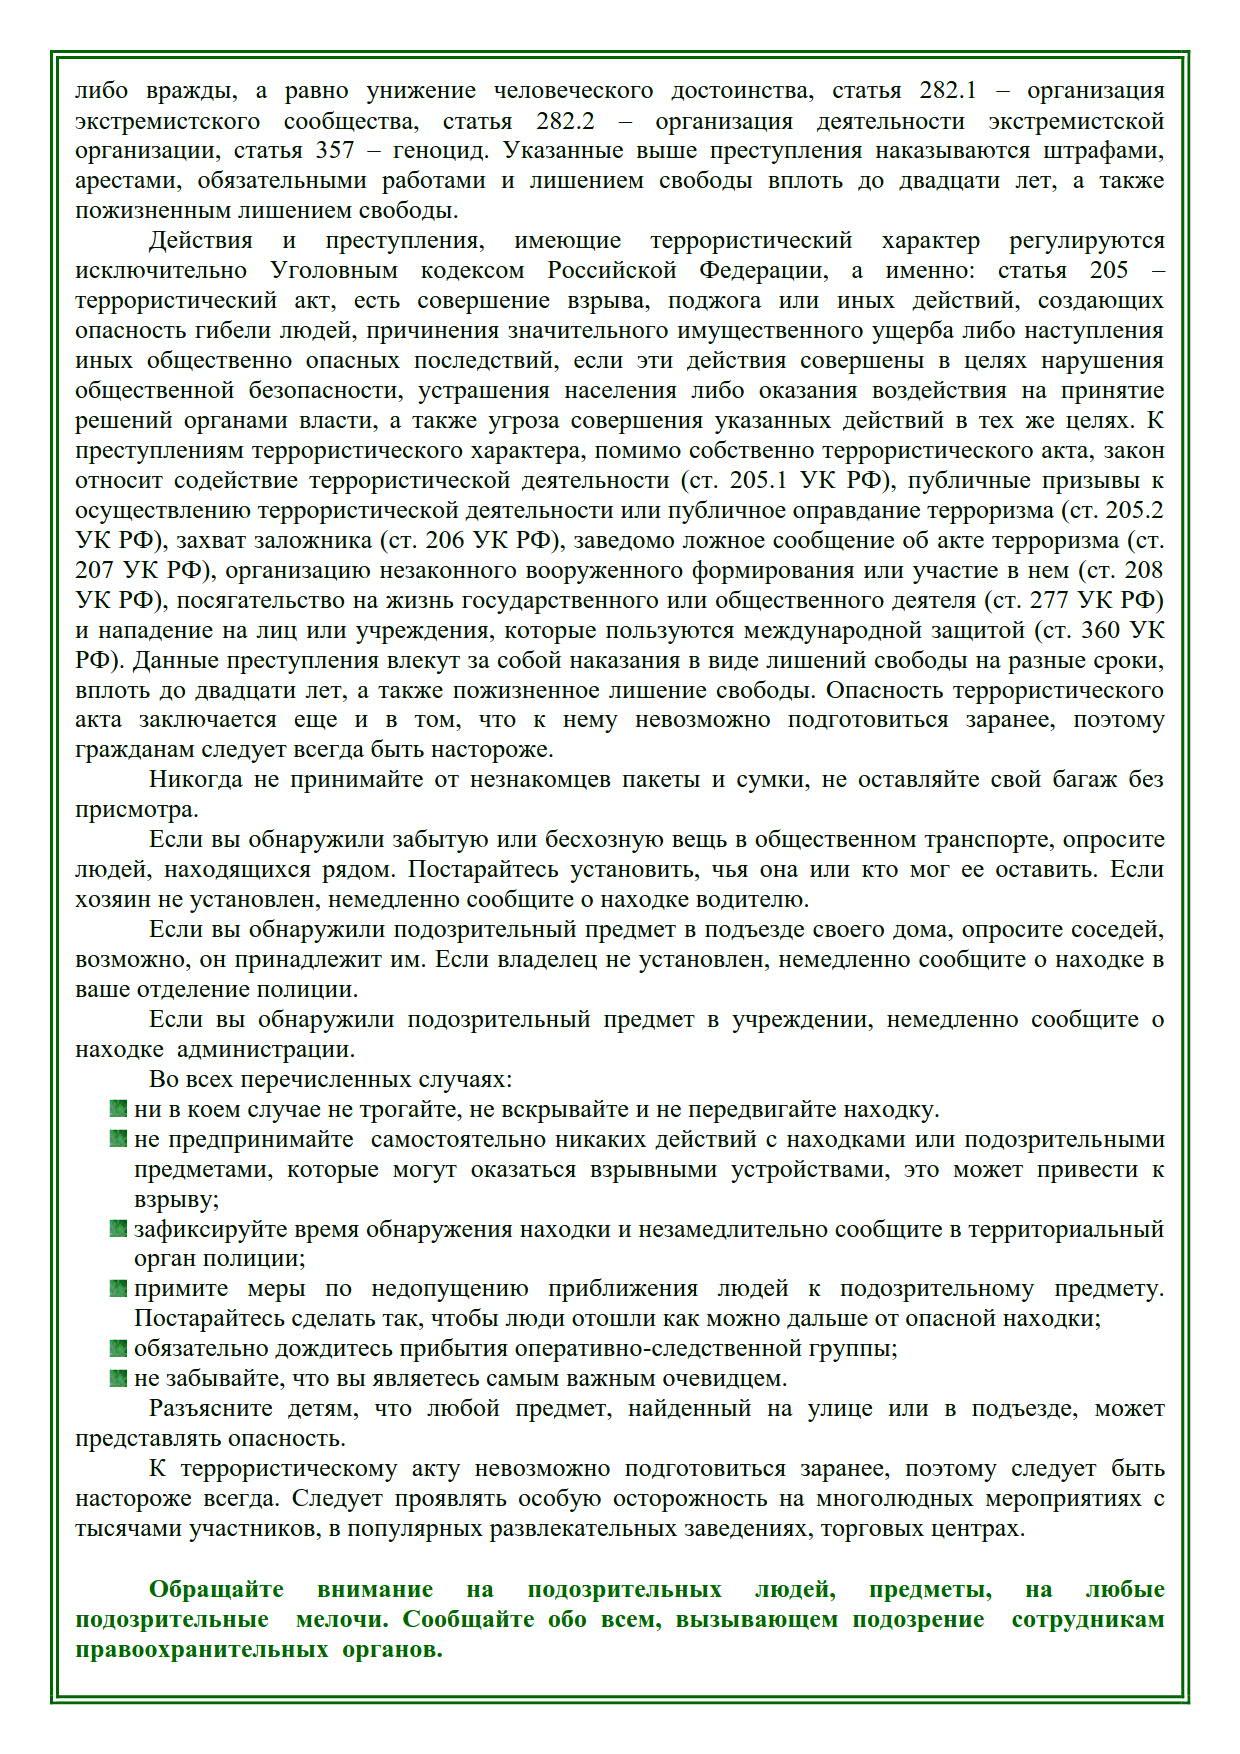 ПАМЯТКА Терроризм угроза обществу!_2